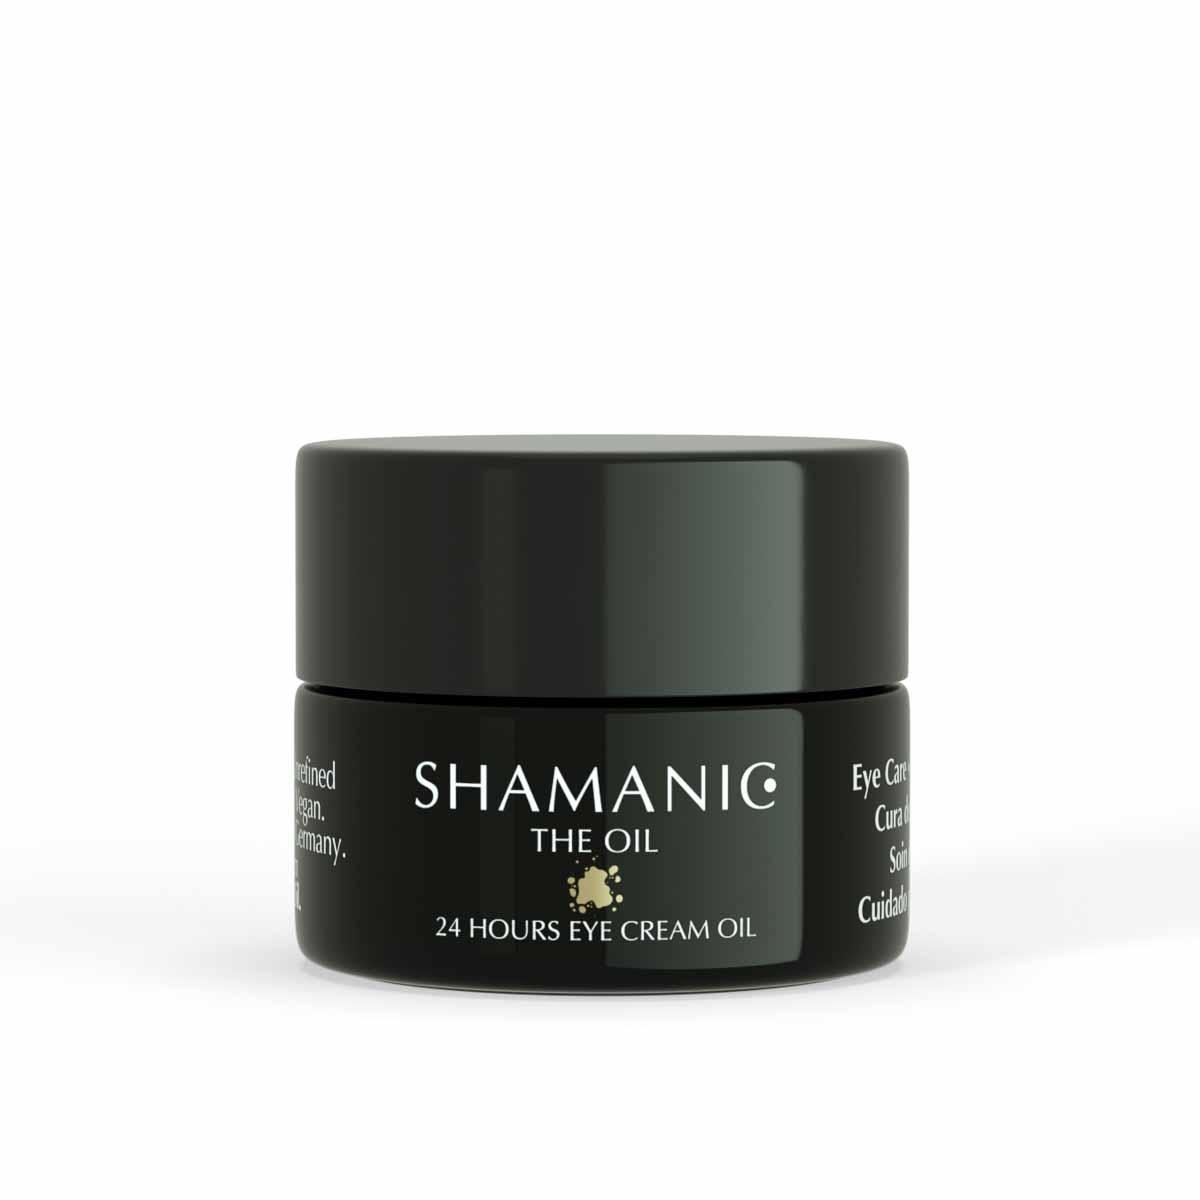 24 Hours Eye Cream Oil Augenmaske von Shamanic